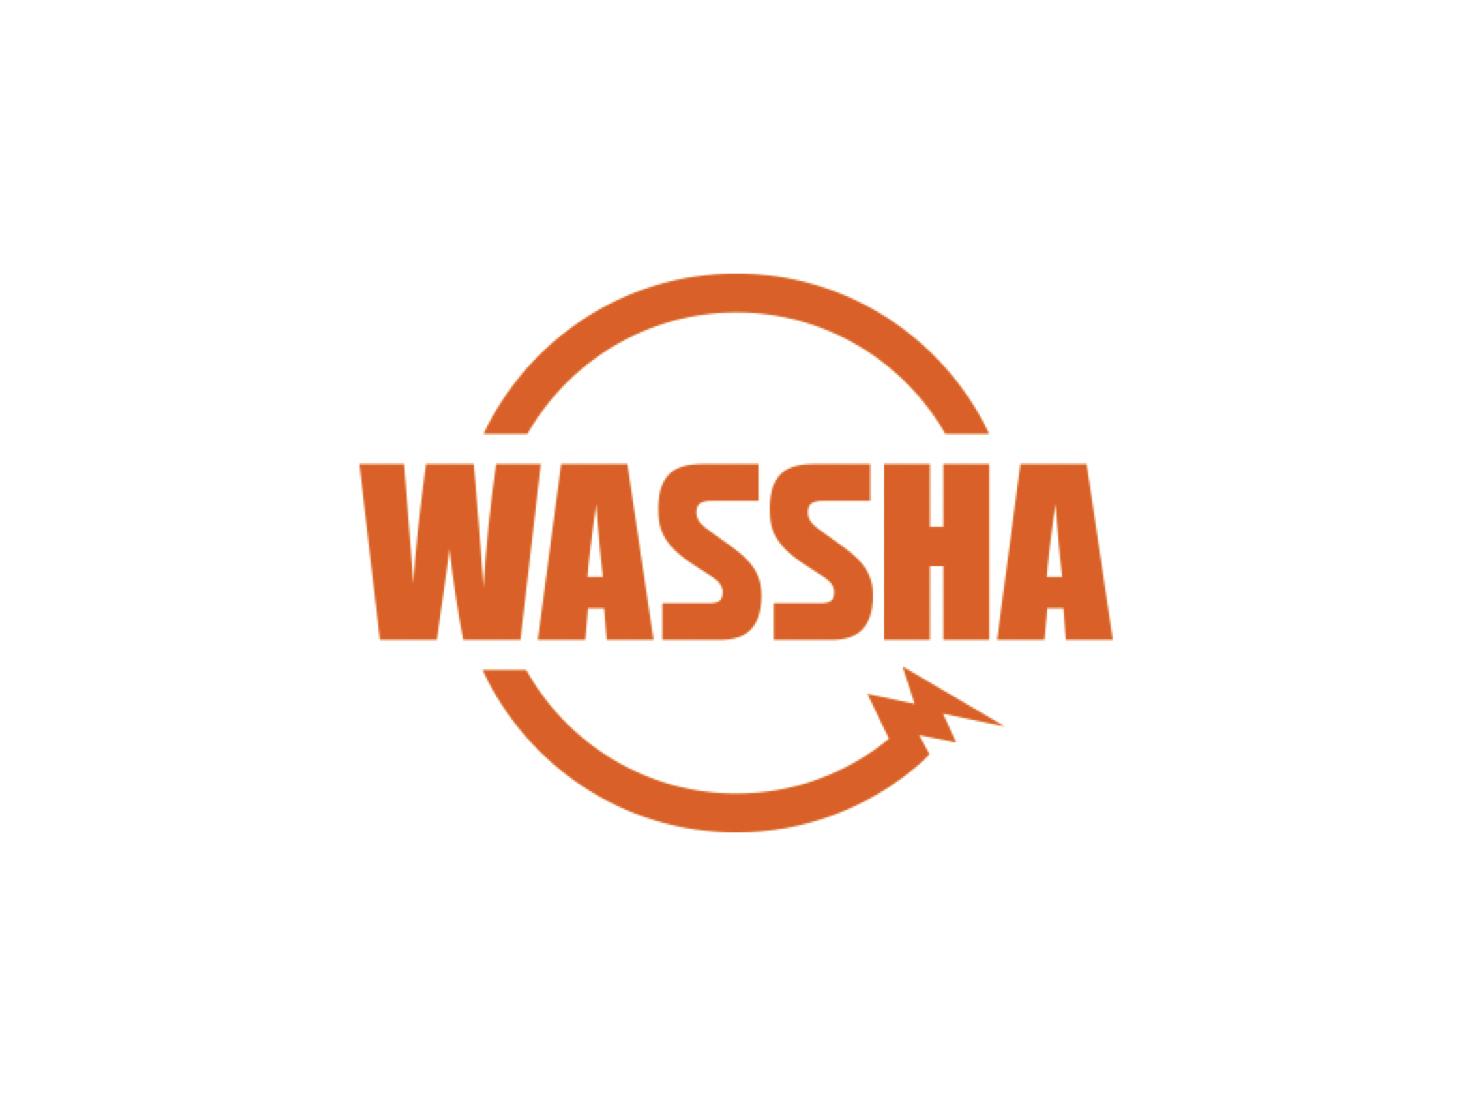 アフリカ最大の小売店プラットフォーム構築を目指すWASSHA、総額約10億円を資金調達